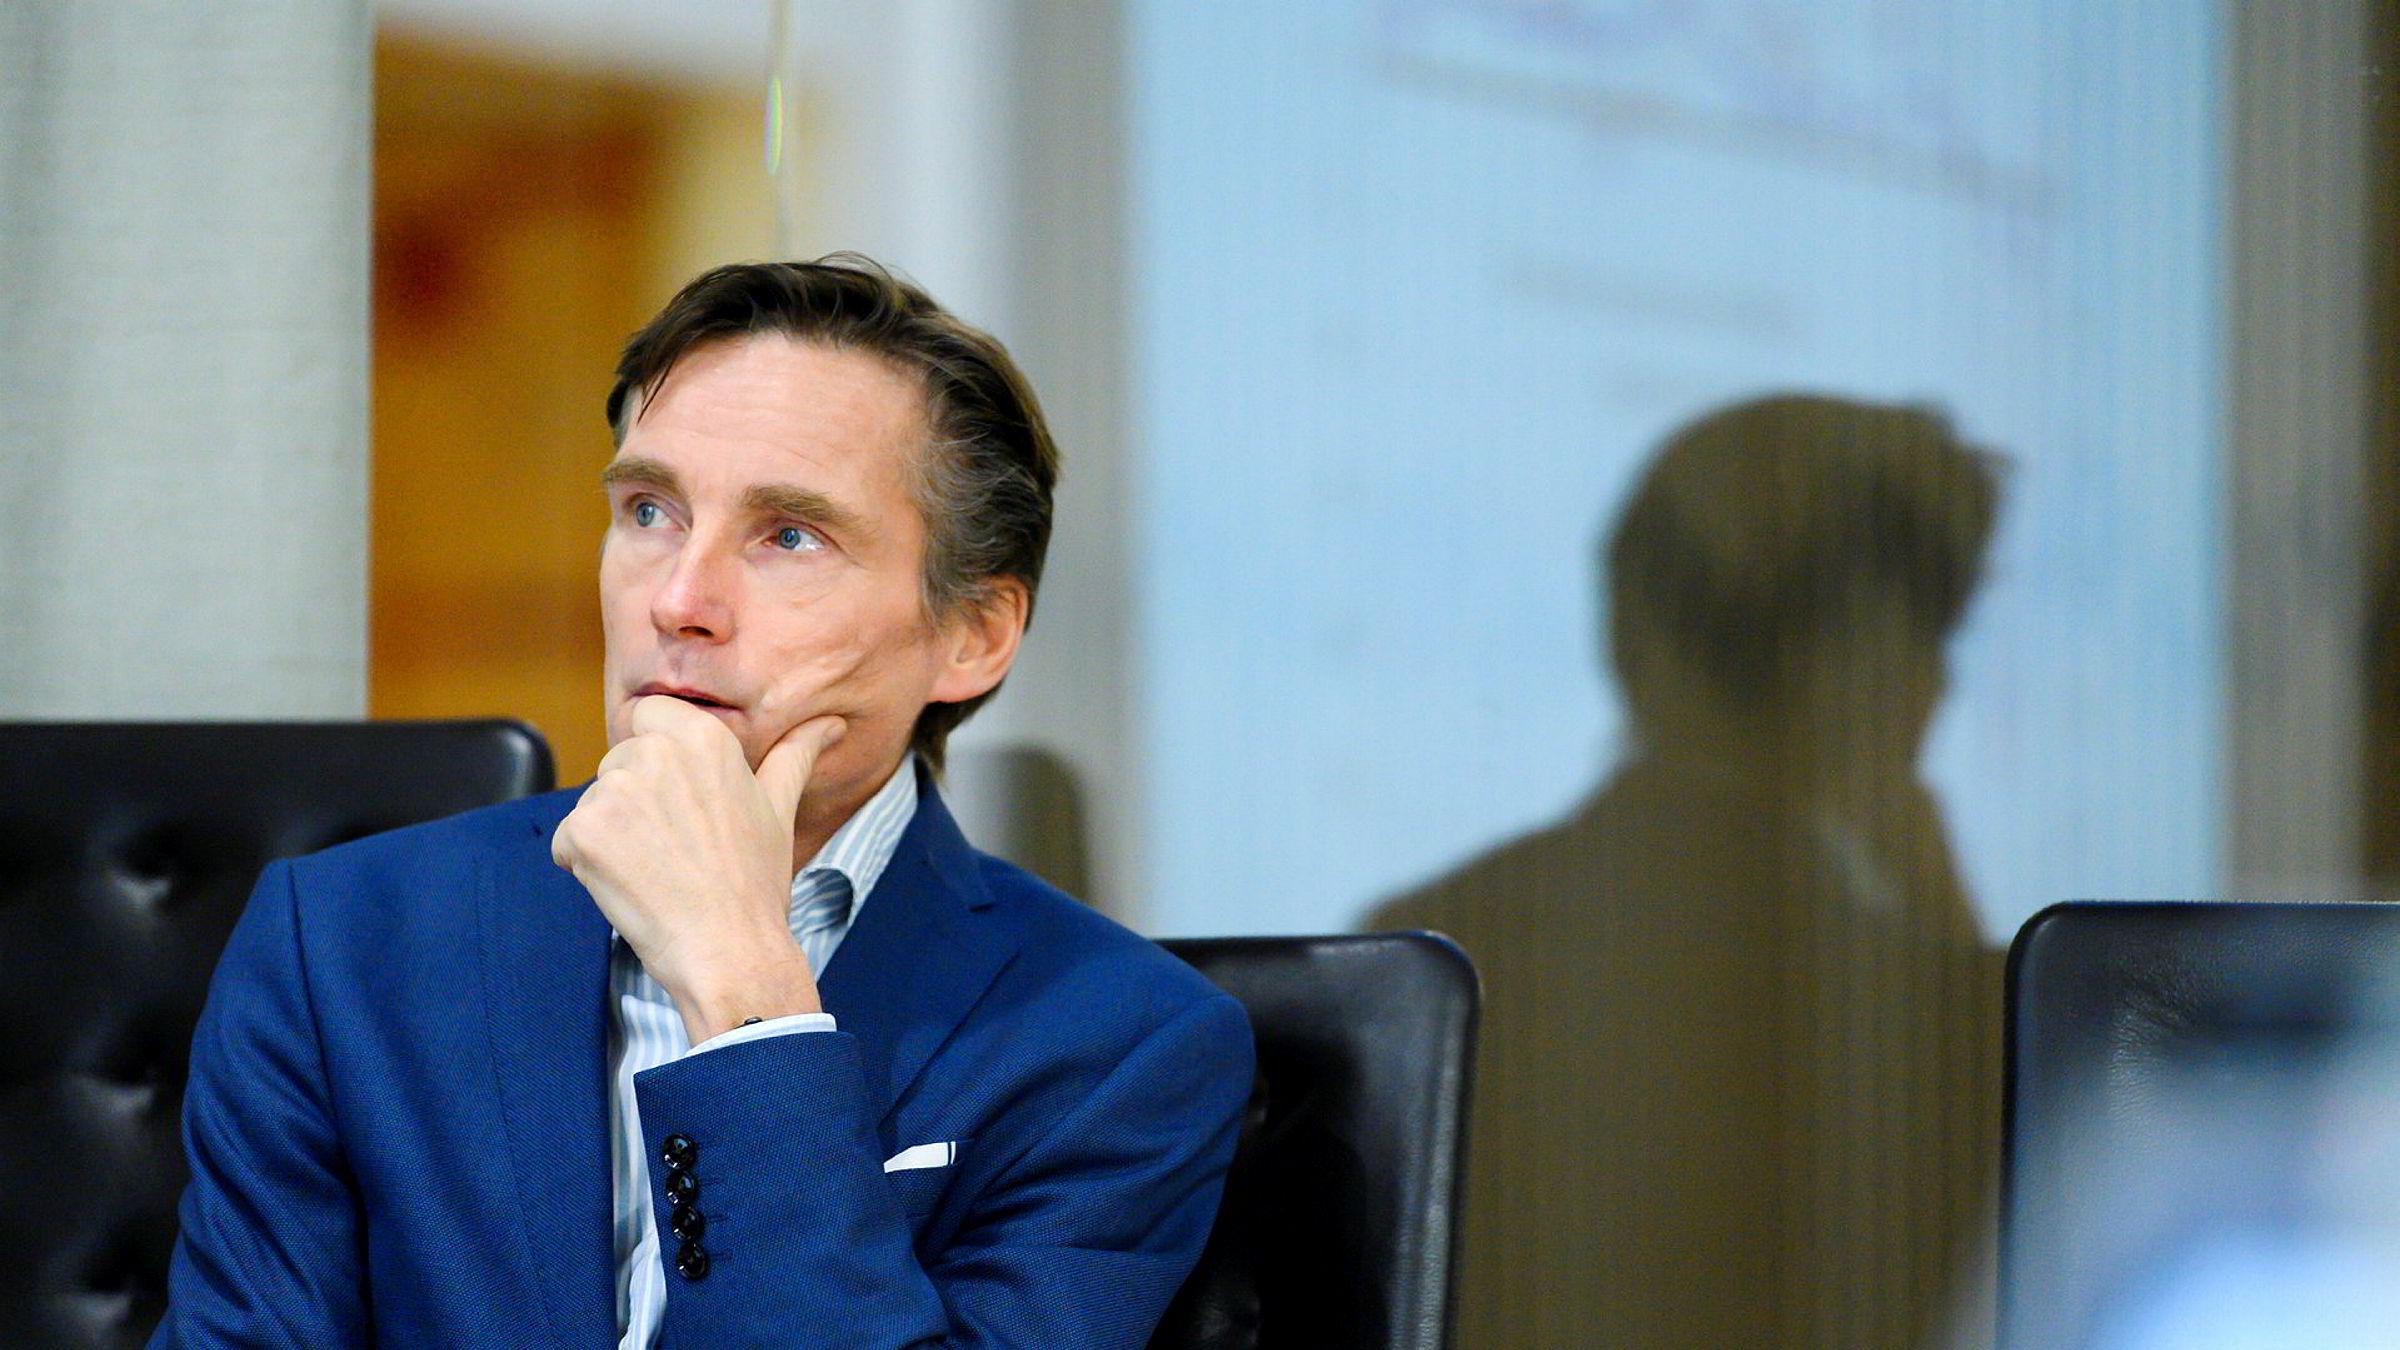 Investeringsdirektør i Nordea, Robert Næss, samler data fra prisantydninger på Finn for å ligge foran de offisielle statistikkene.